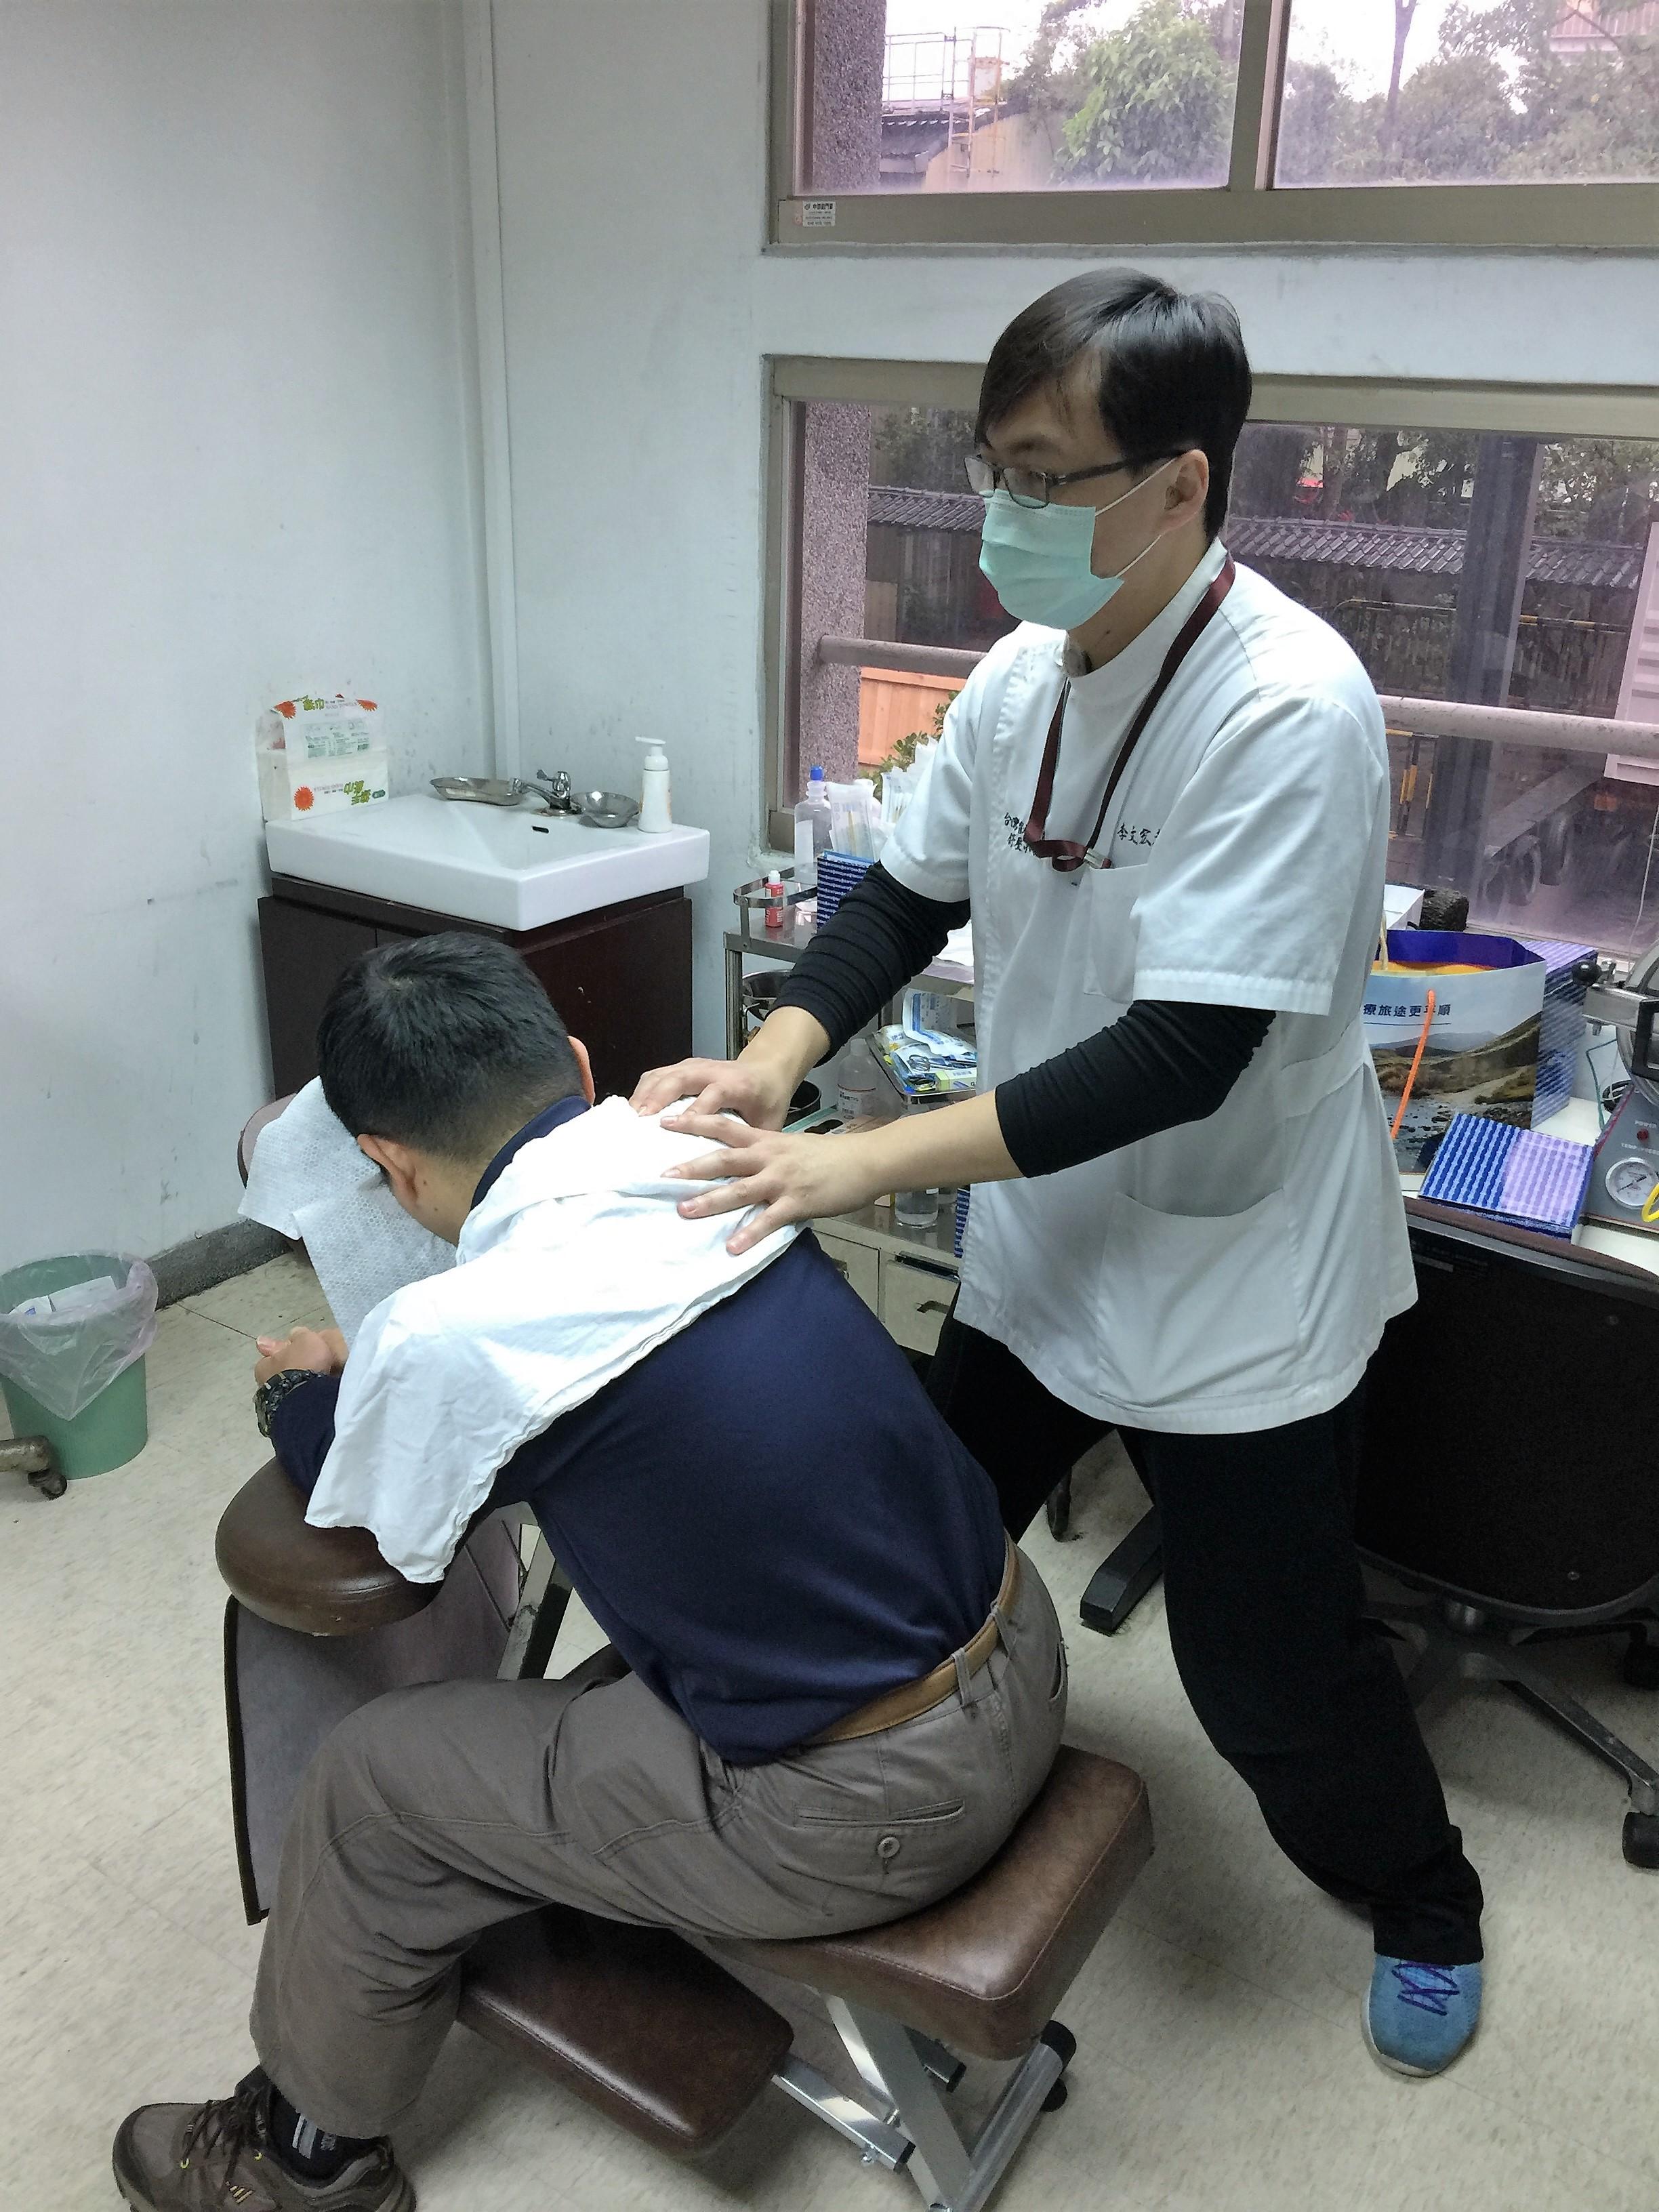 台灣復盛股份有限公司員工紓壓照片-李文宏按摩師